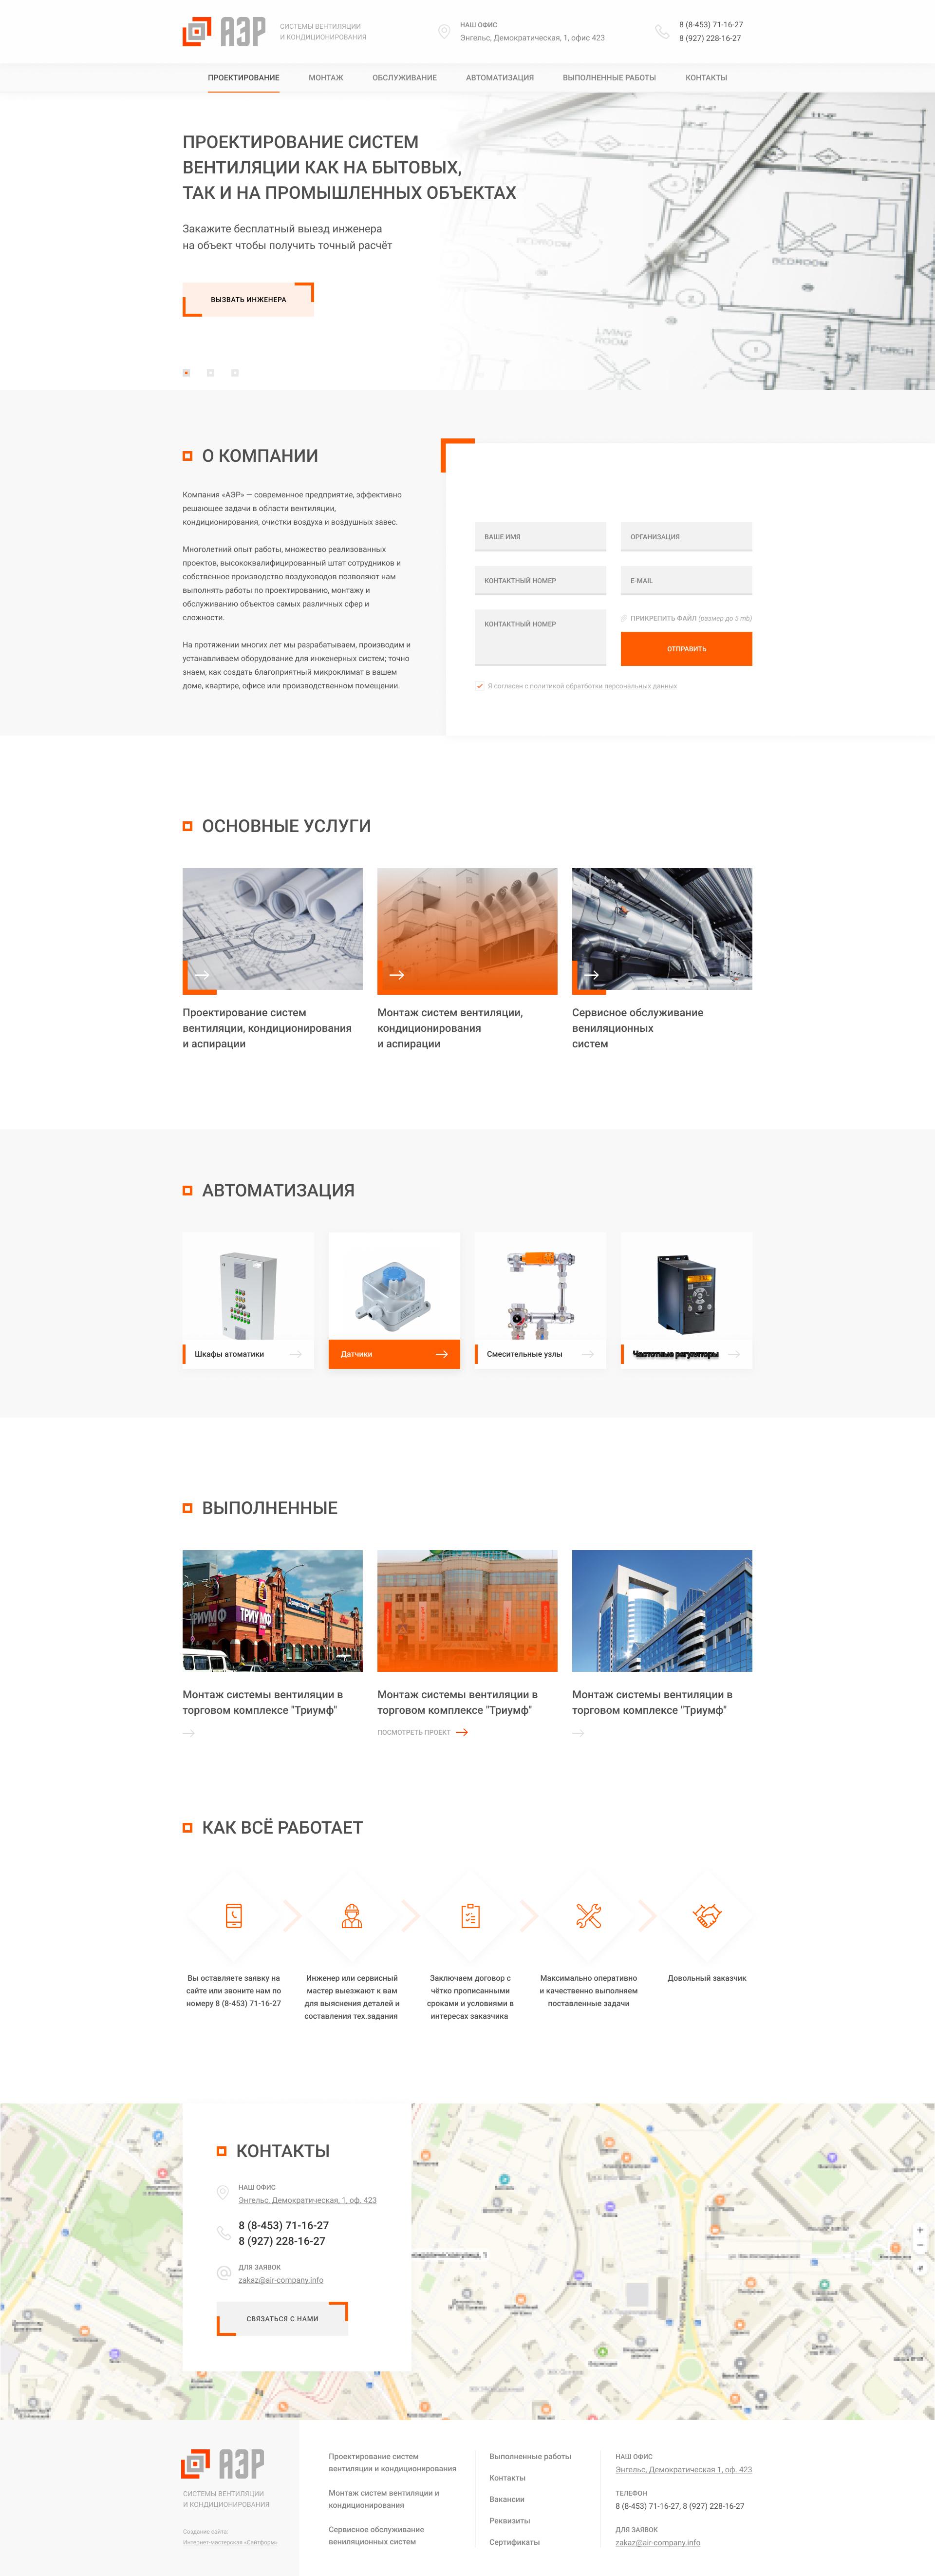 Сайт / АЭР - Системы вентиляции и кондиционирования